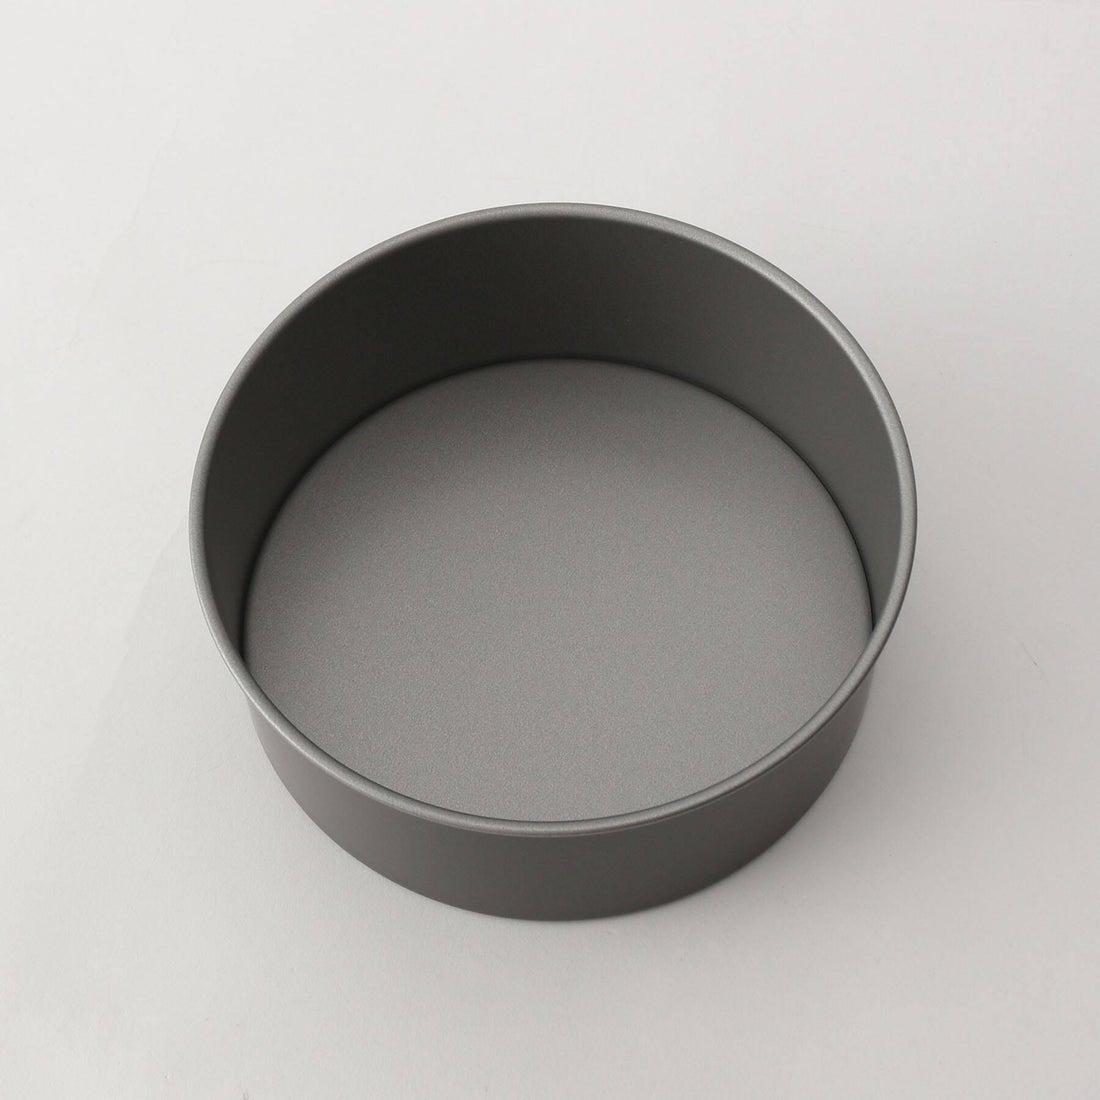 トゥーワントゥーキッチン ストア 212 KITCHEN STORE DELISH KITCHEN (デリッシュキッチン) ふっ素加工ホールケーキ型 15cm (底取れ式) (グレー)